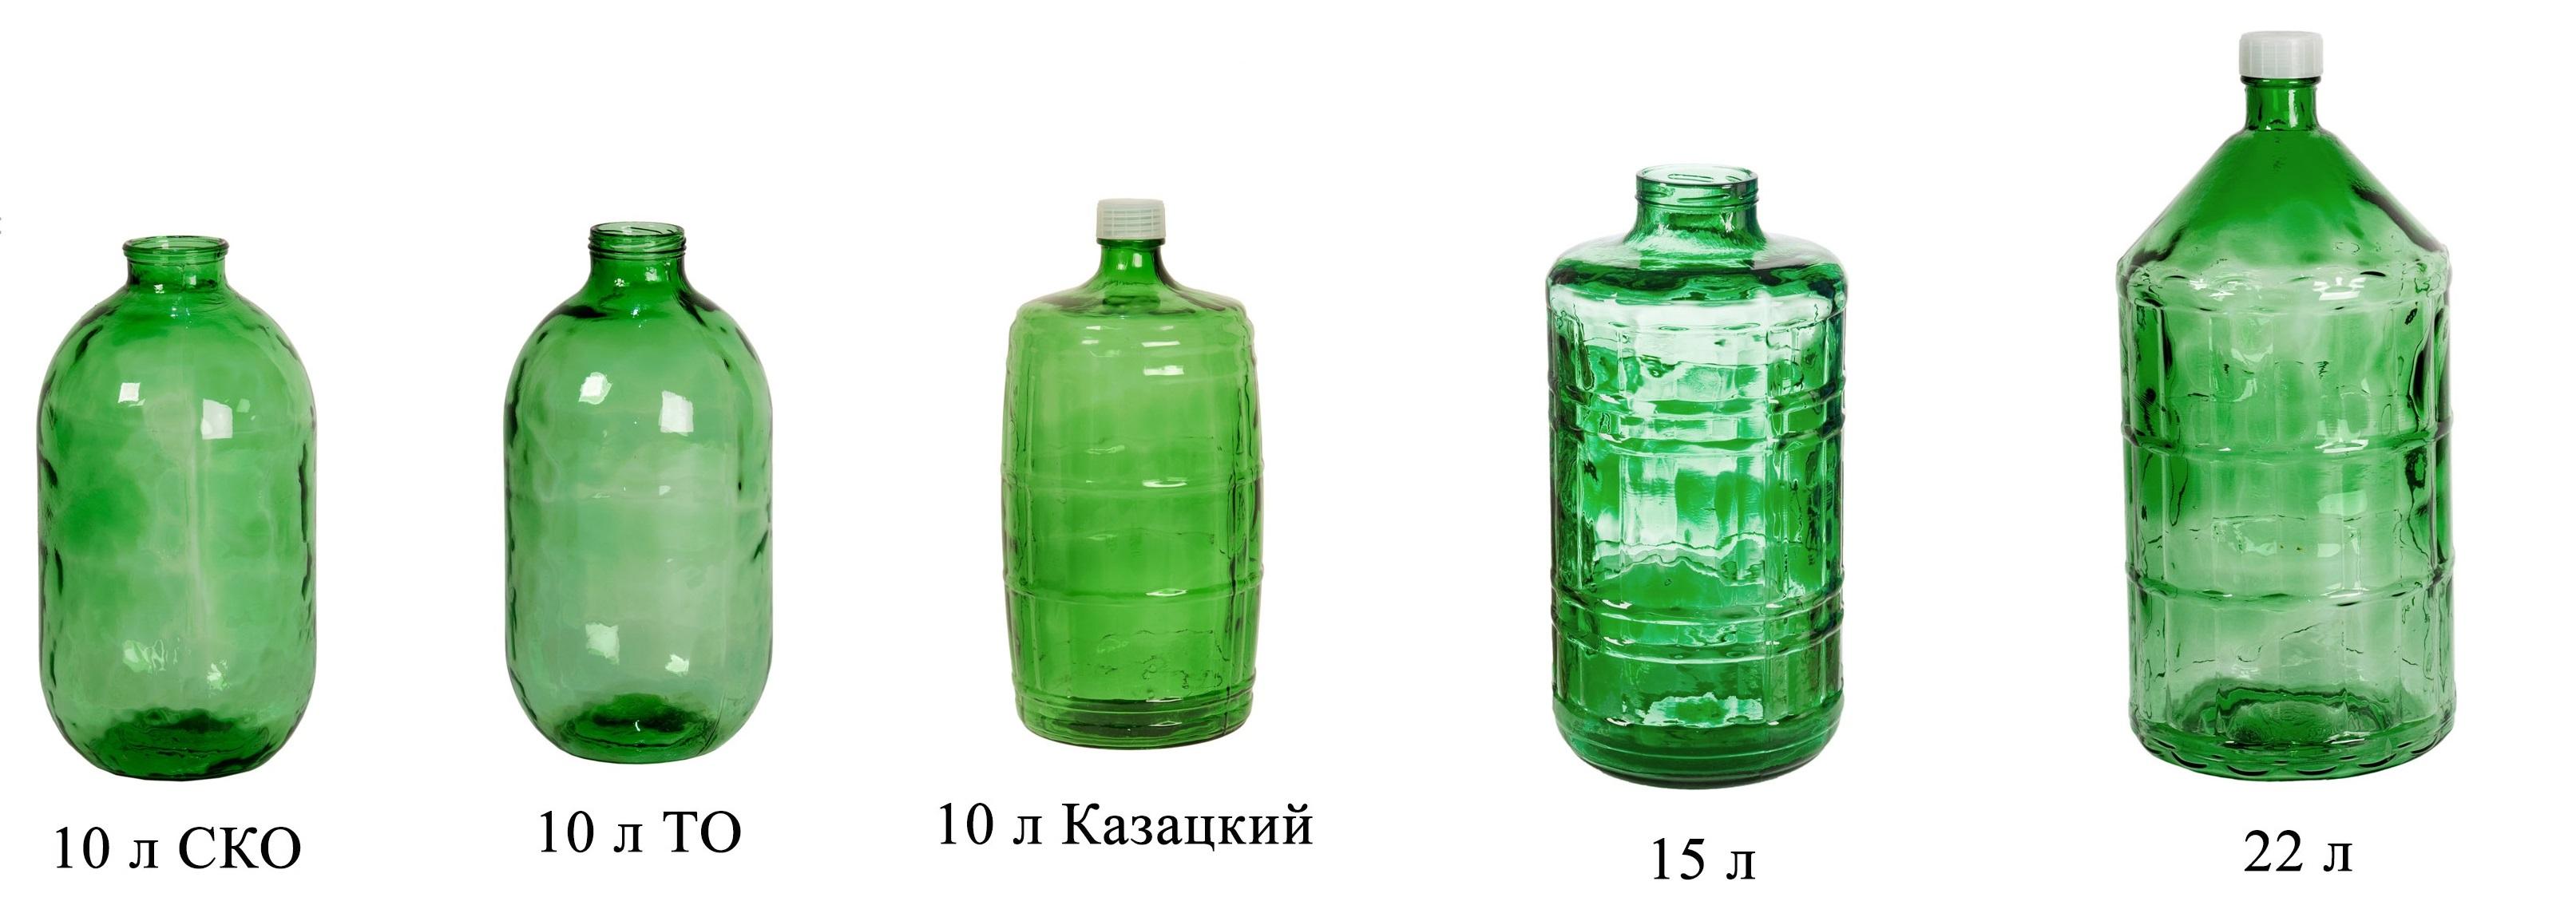 Презентация бутыли